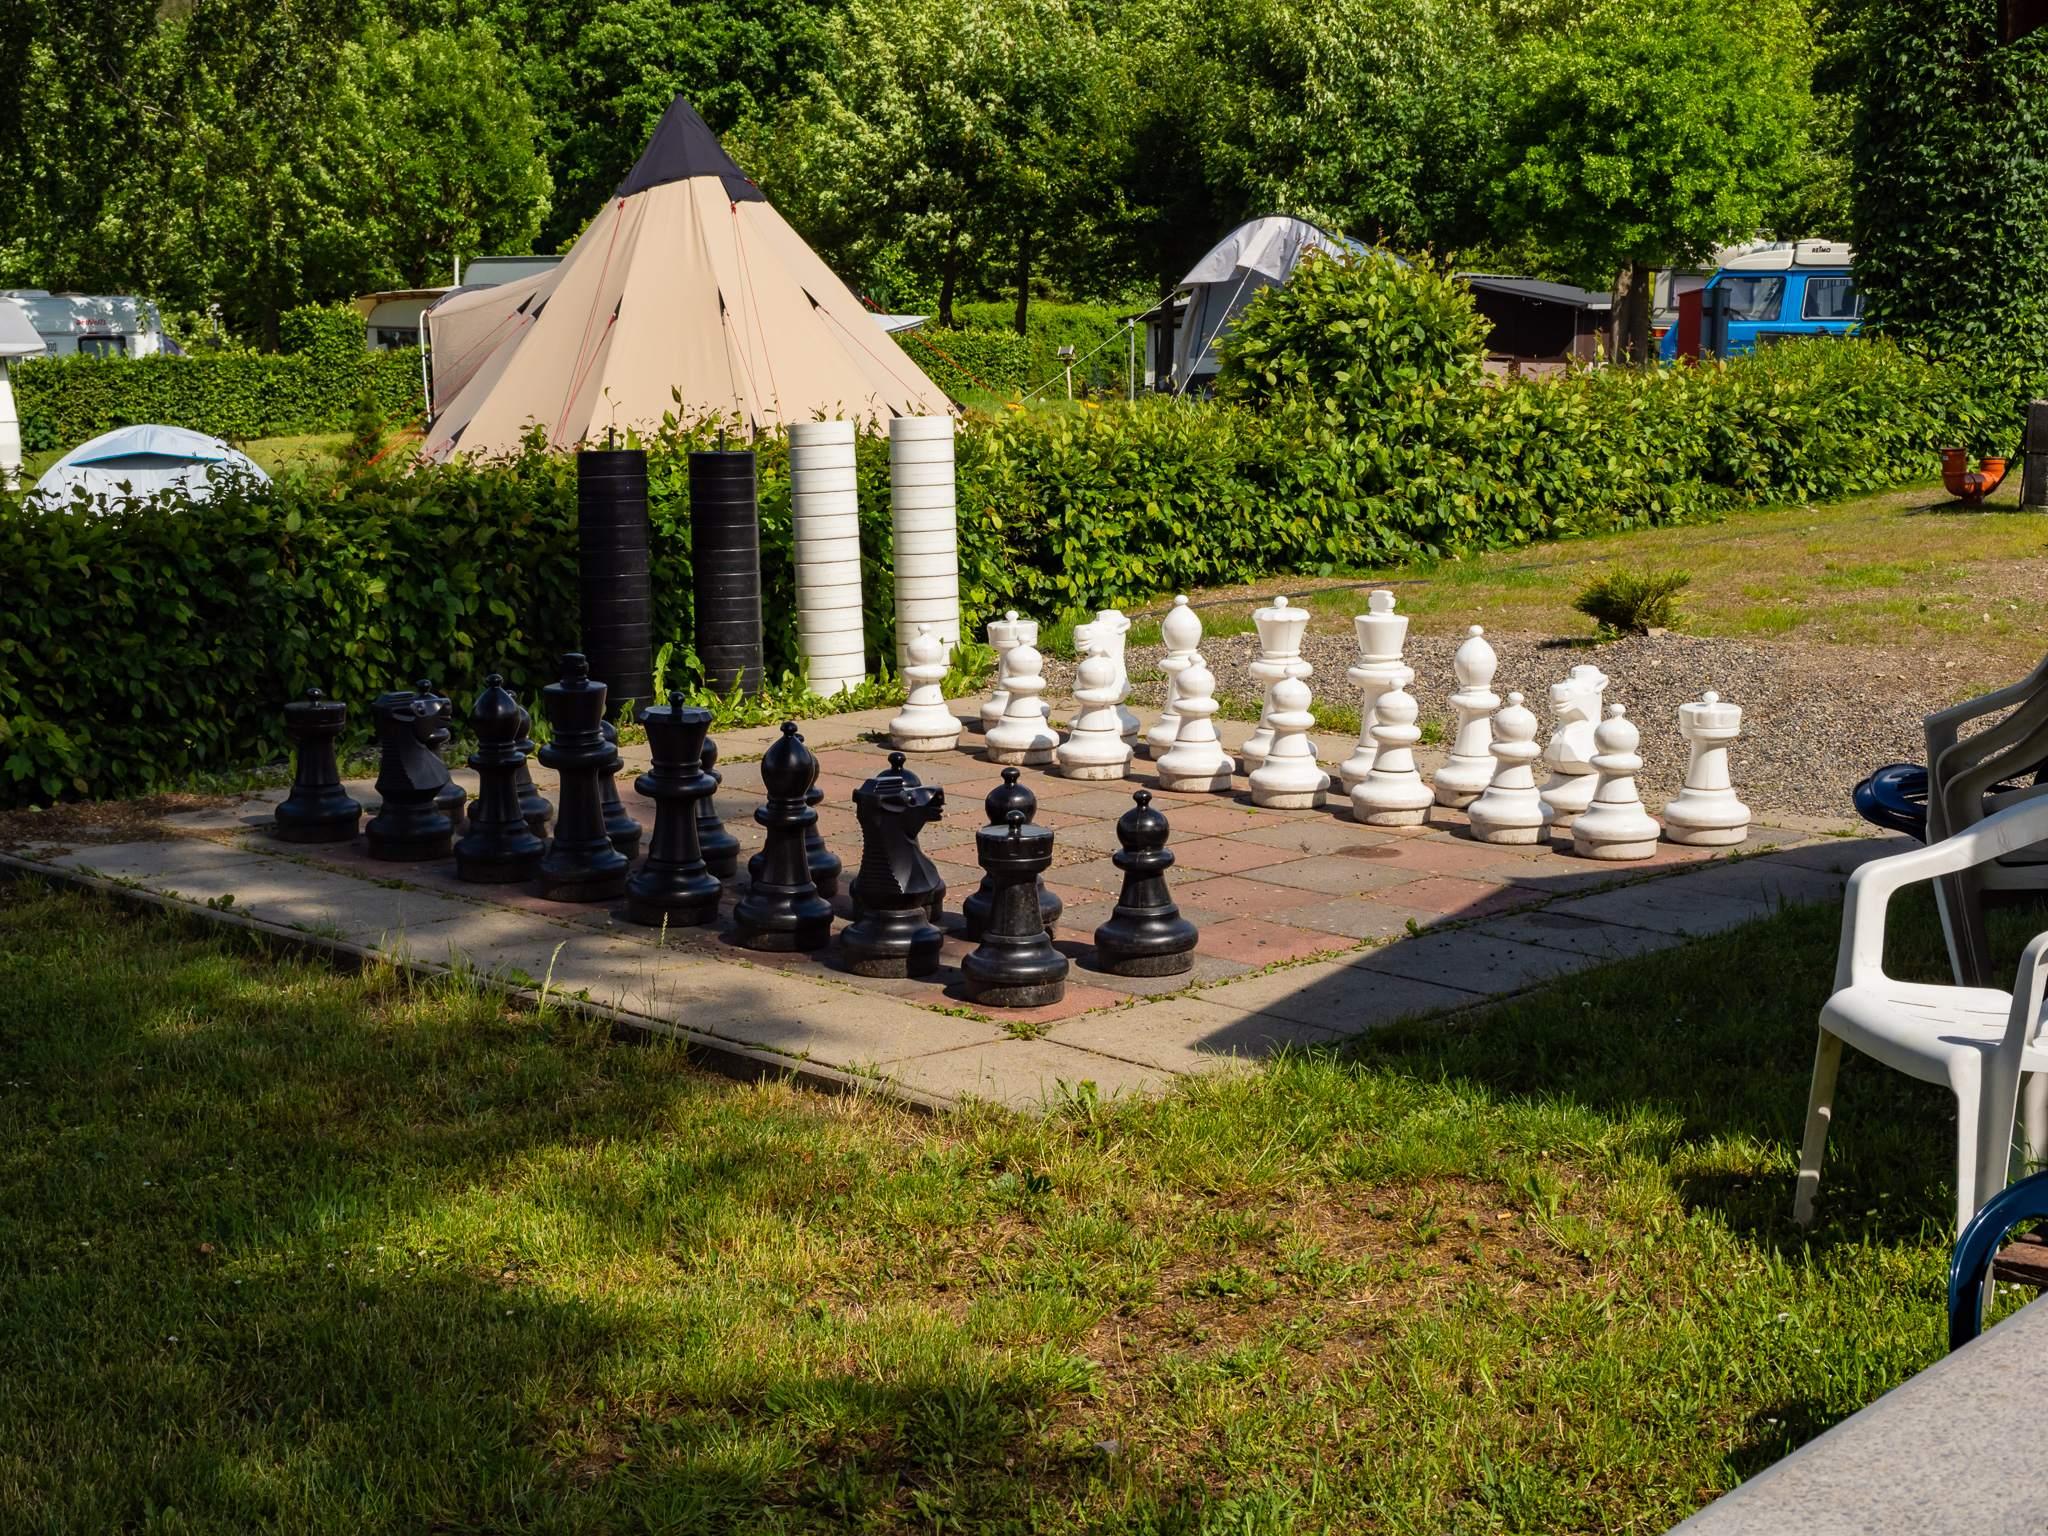 Campingplatz am Krähenberg in Wolfshagen - Schachspiel